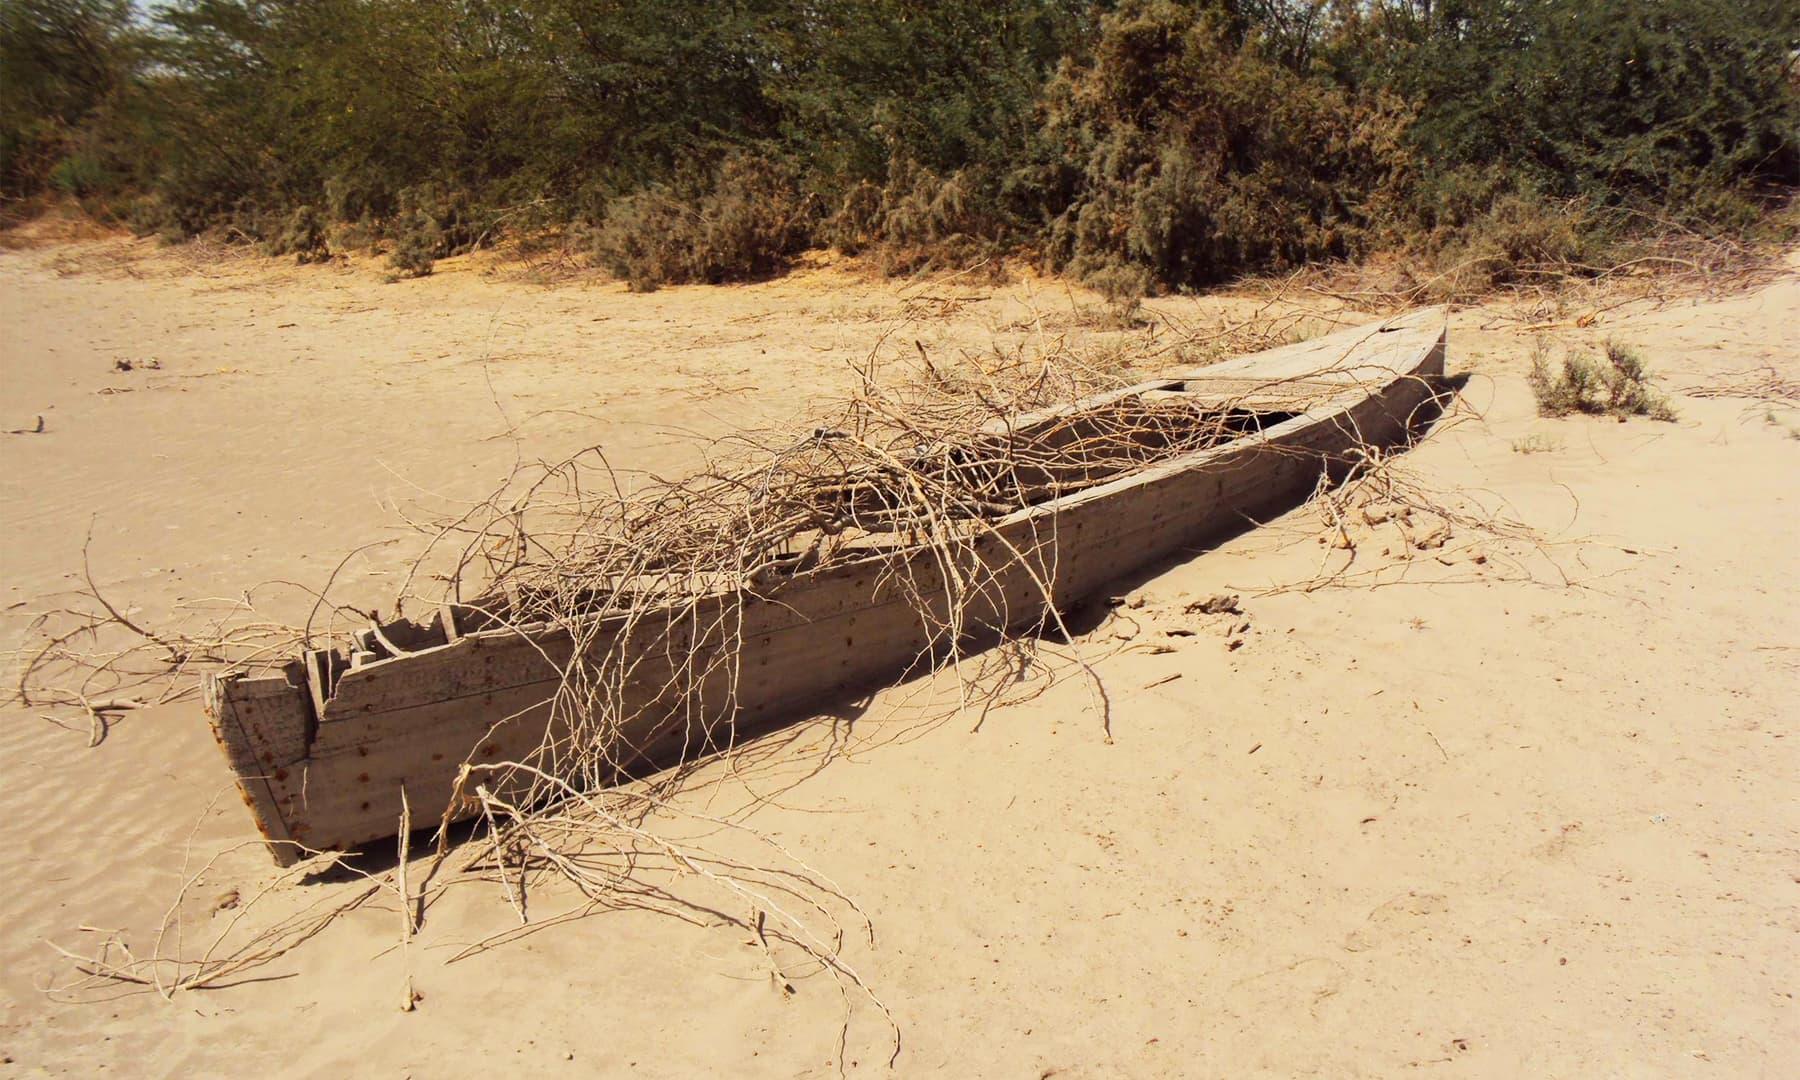 انڈس ڈیلٹا پر موجود علاقے جہاں پہلے کبھی بے پناہ پانی تھا اور زمین سر سبز و شاداب تھی— تصویر ابوبکر شیخ